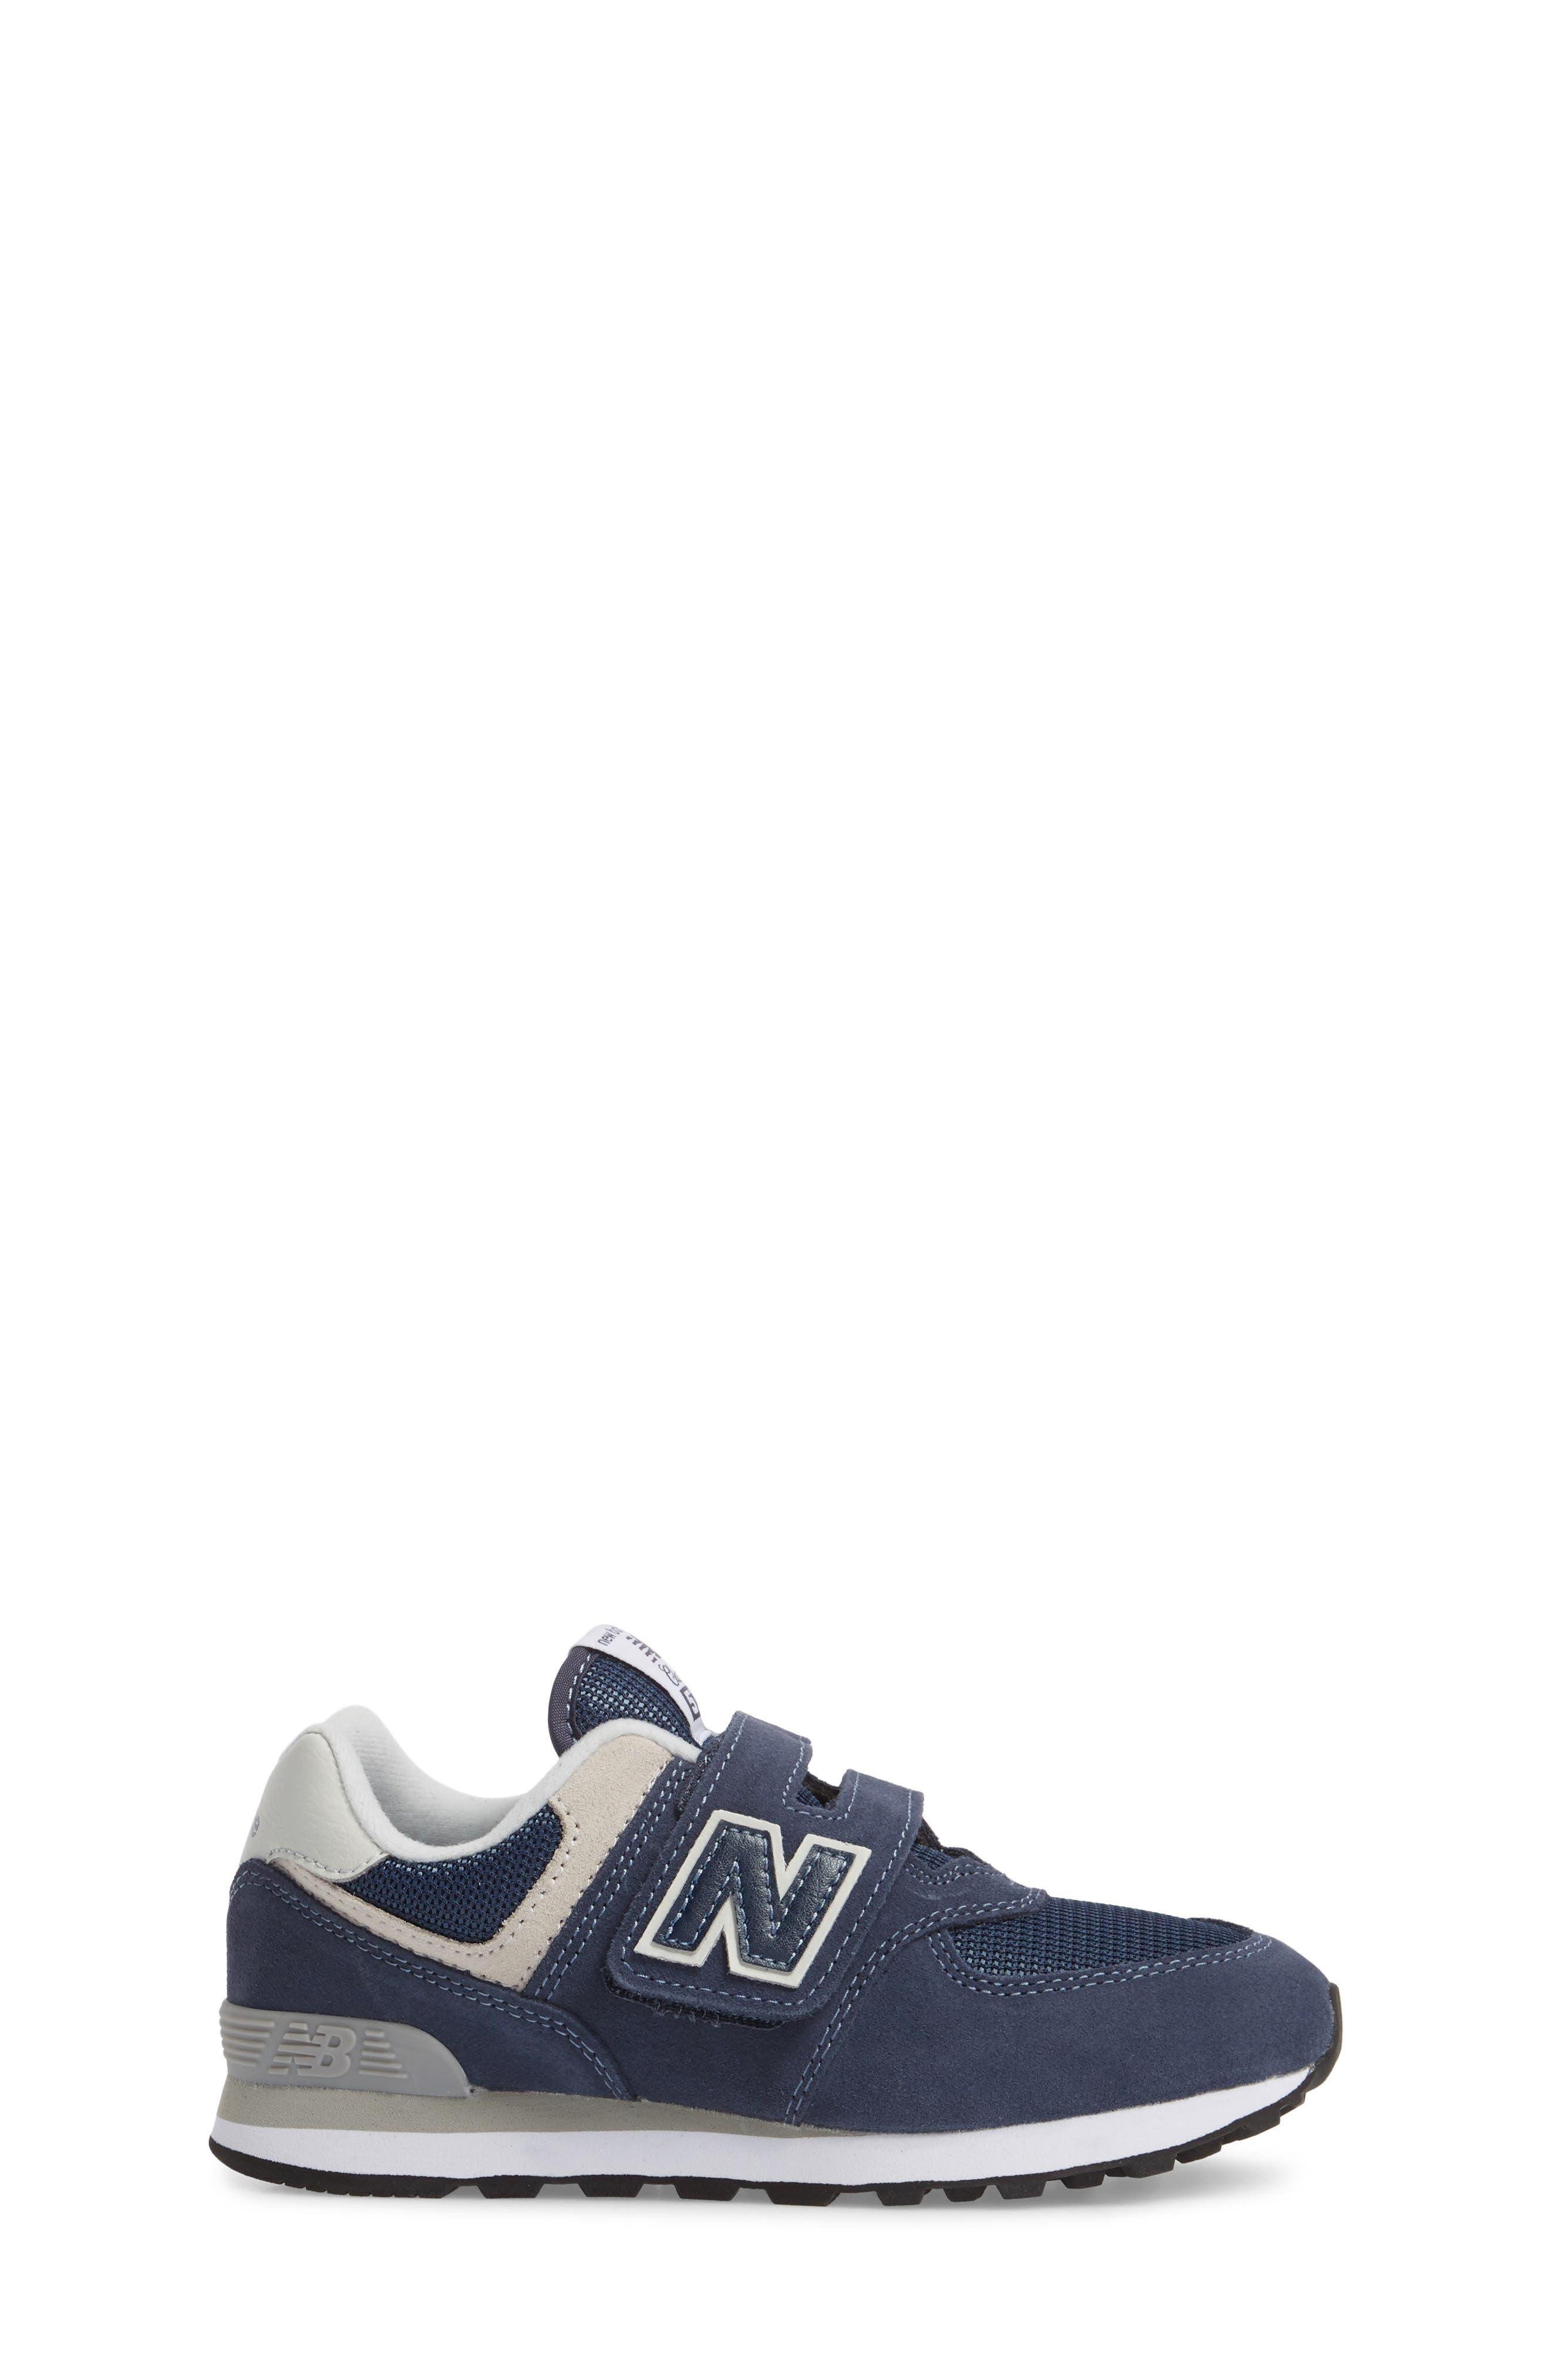 574 Retro Surf Sneaker,                             Alternate thumbnail 3, color,                             Navy